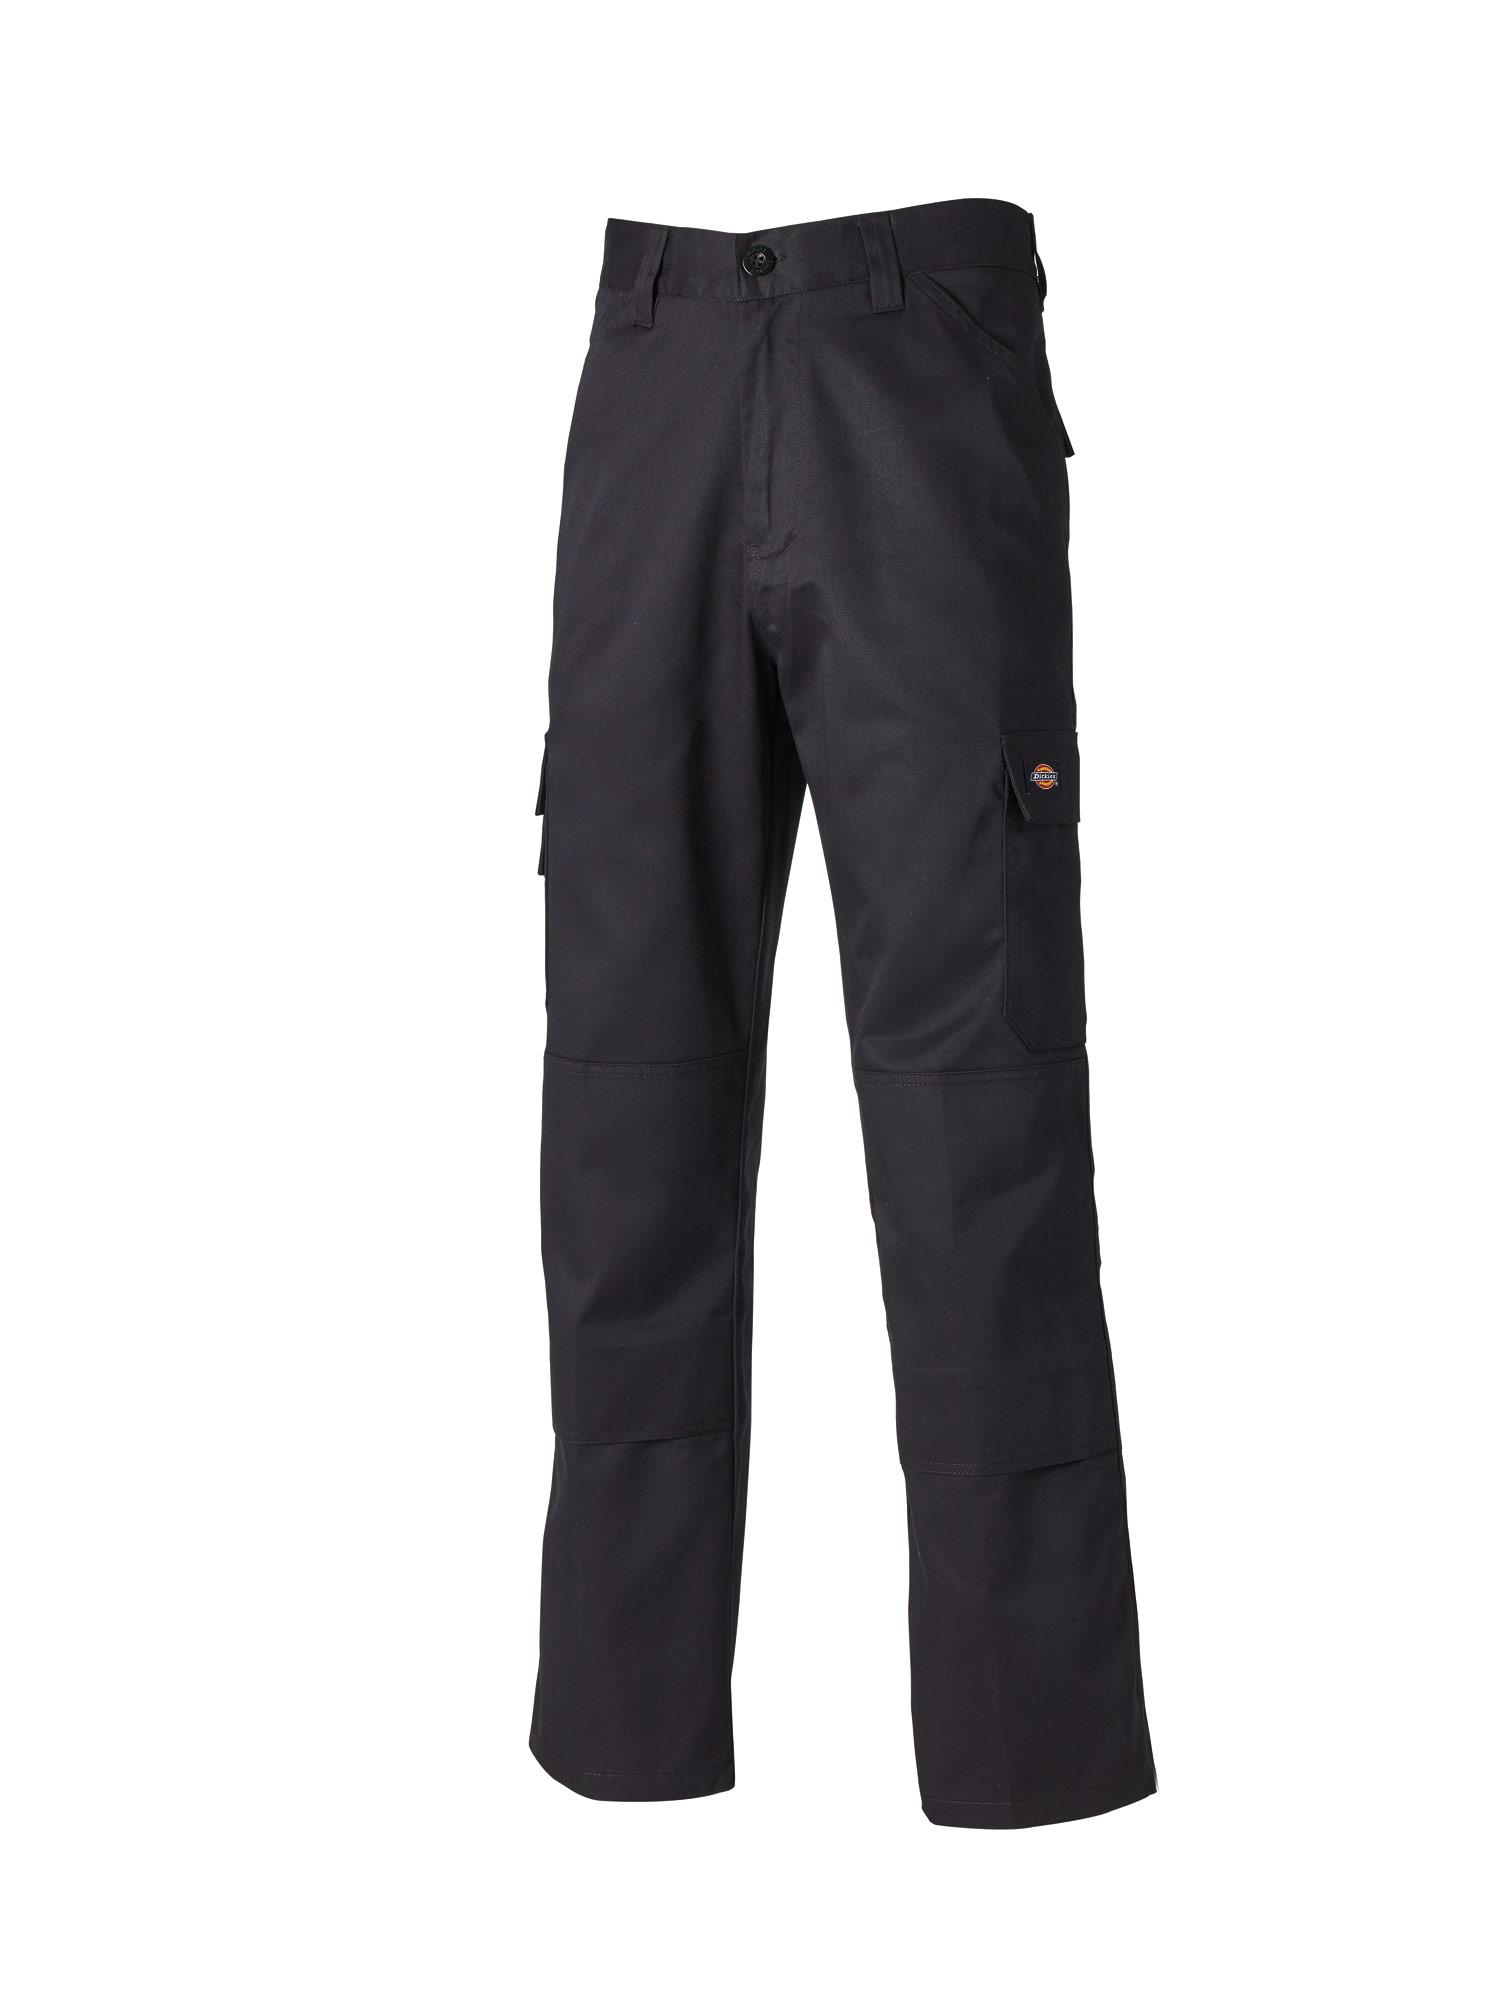 Dickies Everyday Workwear Trouser